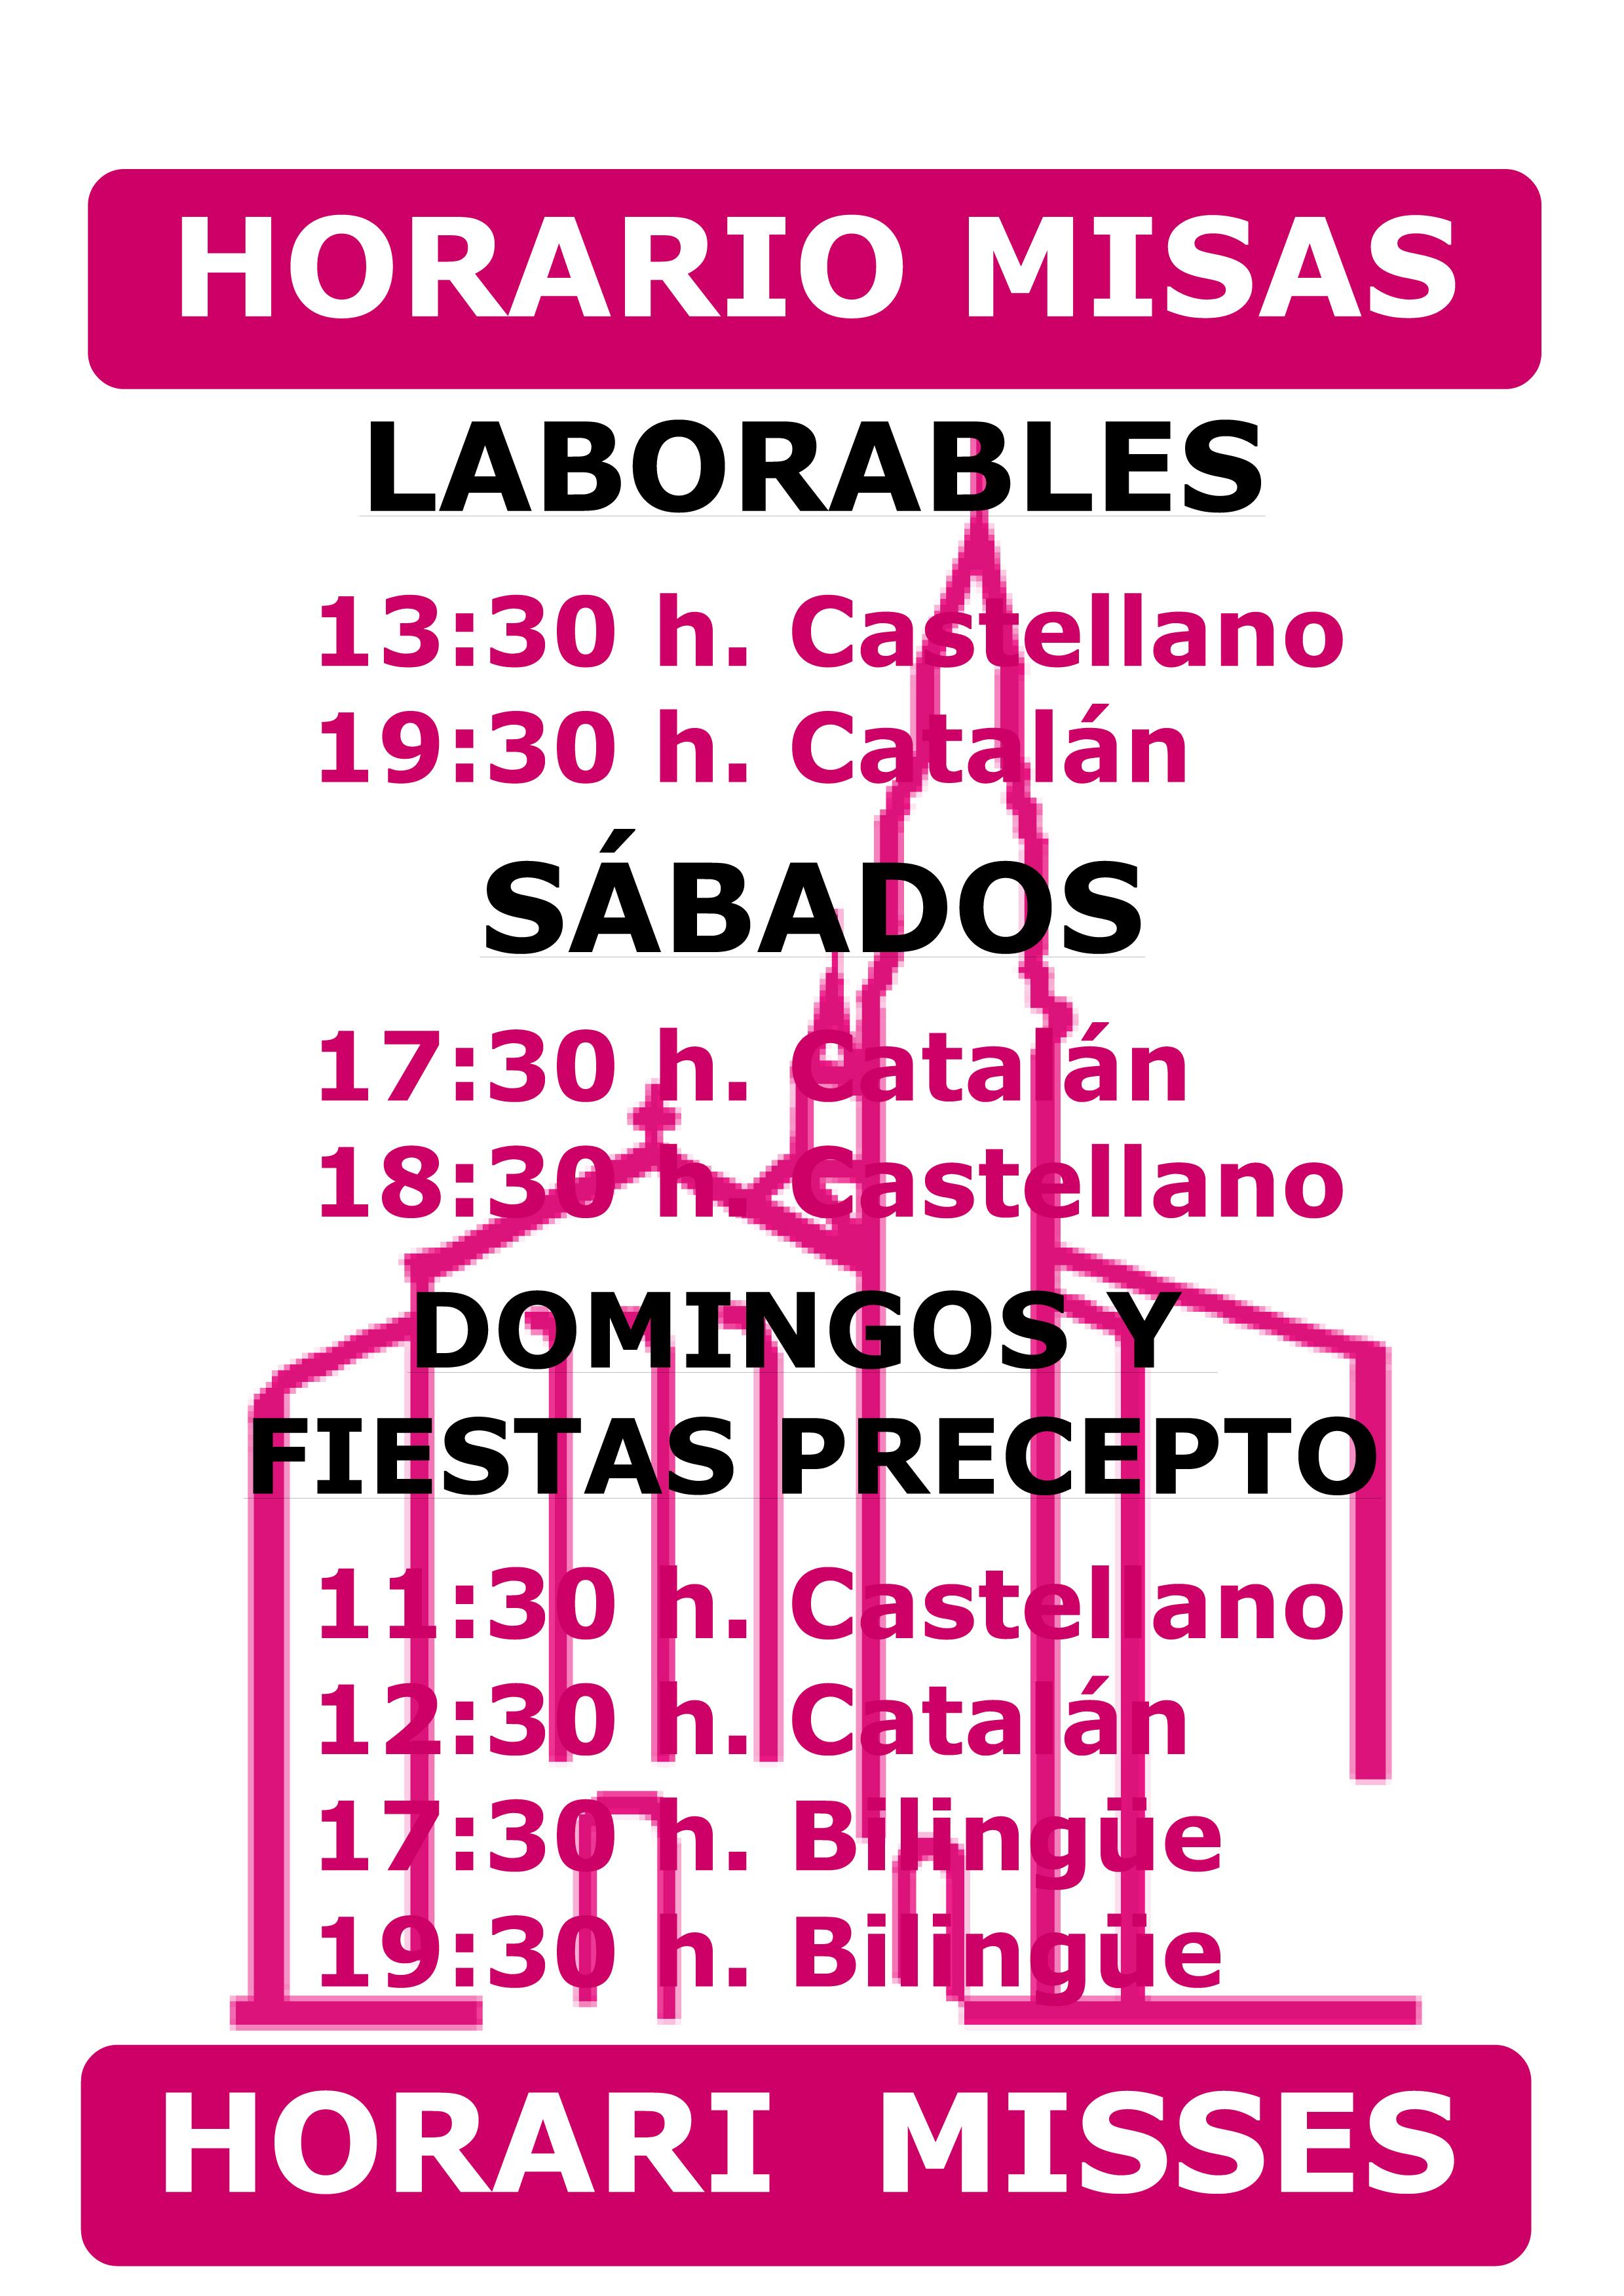 horario-1